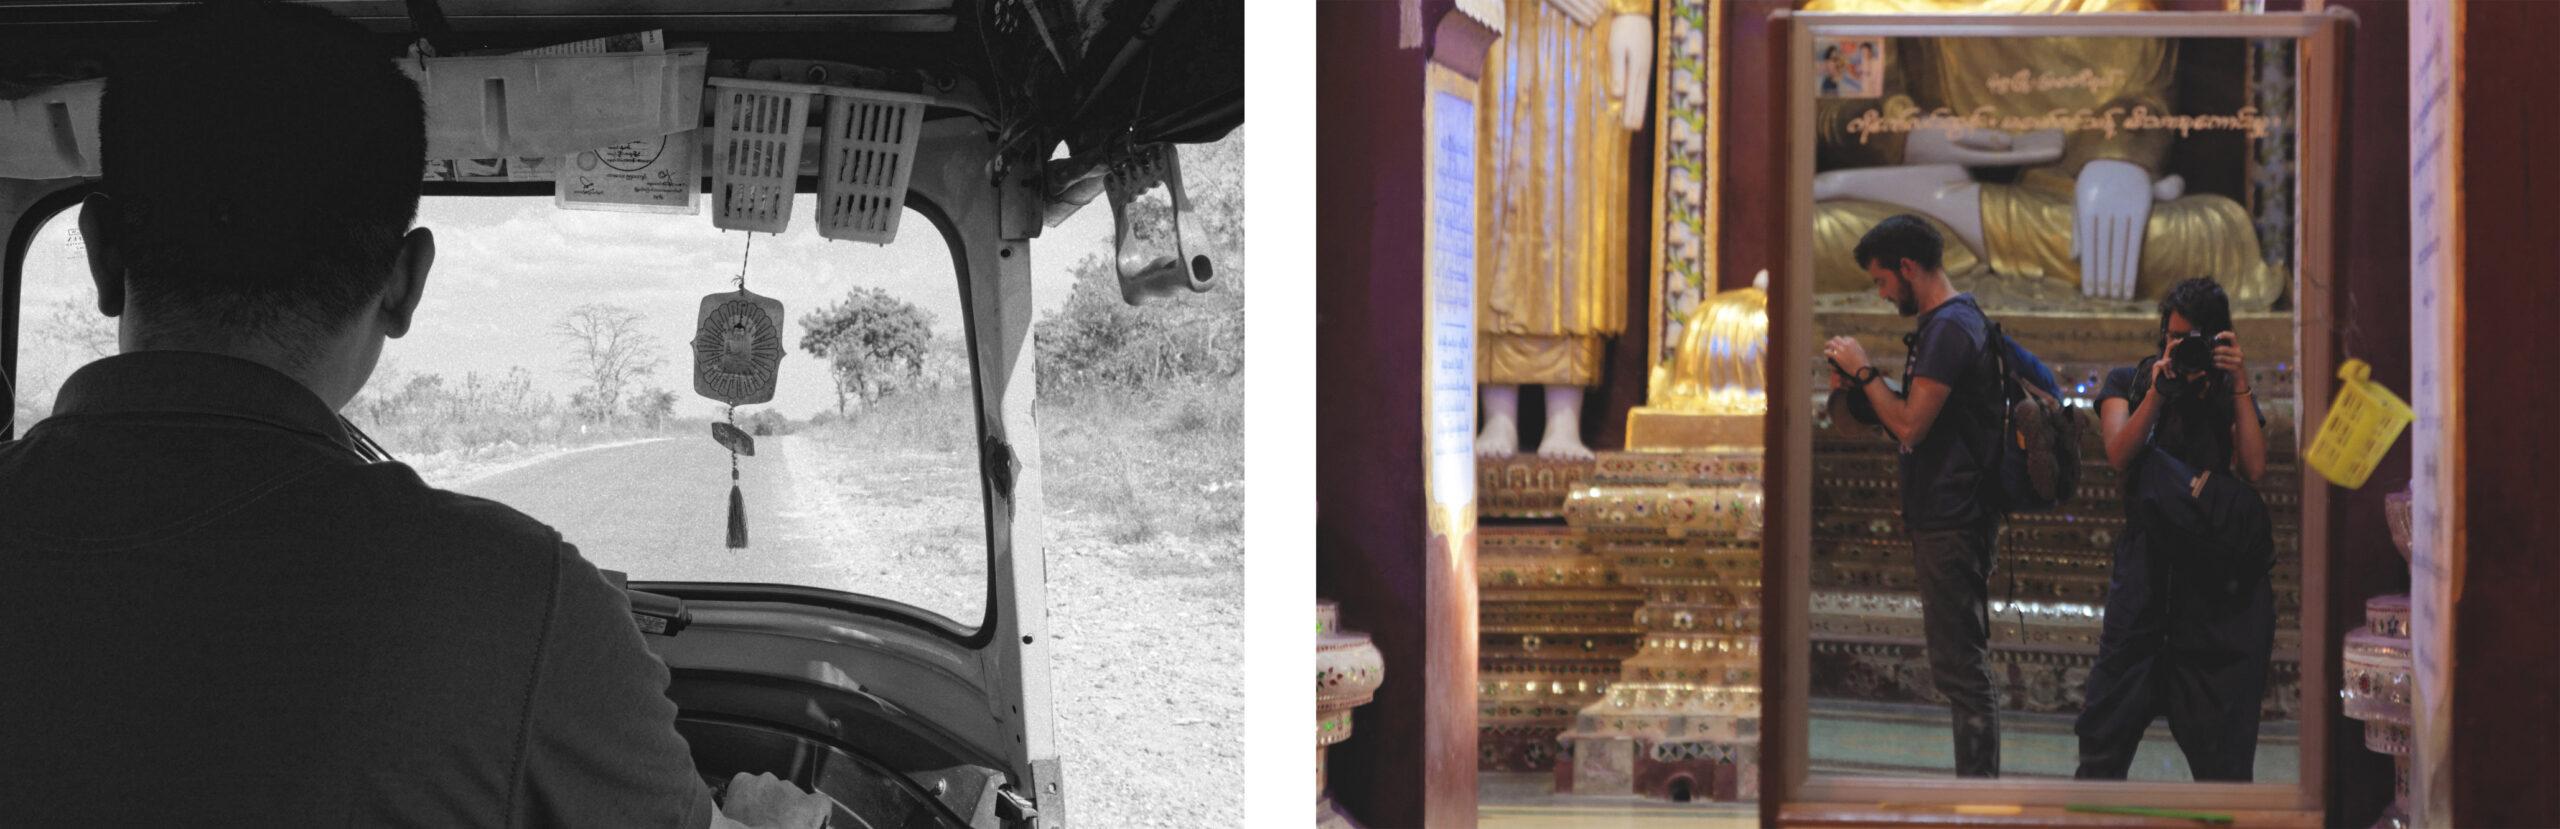 Turktuk et autoportrait dans le miroir